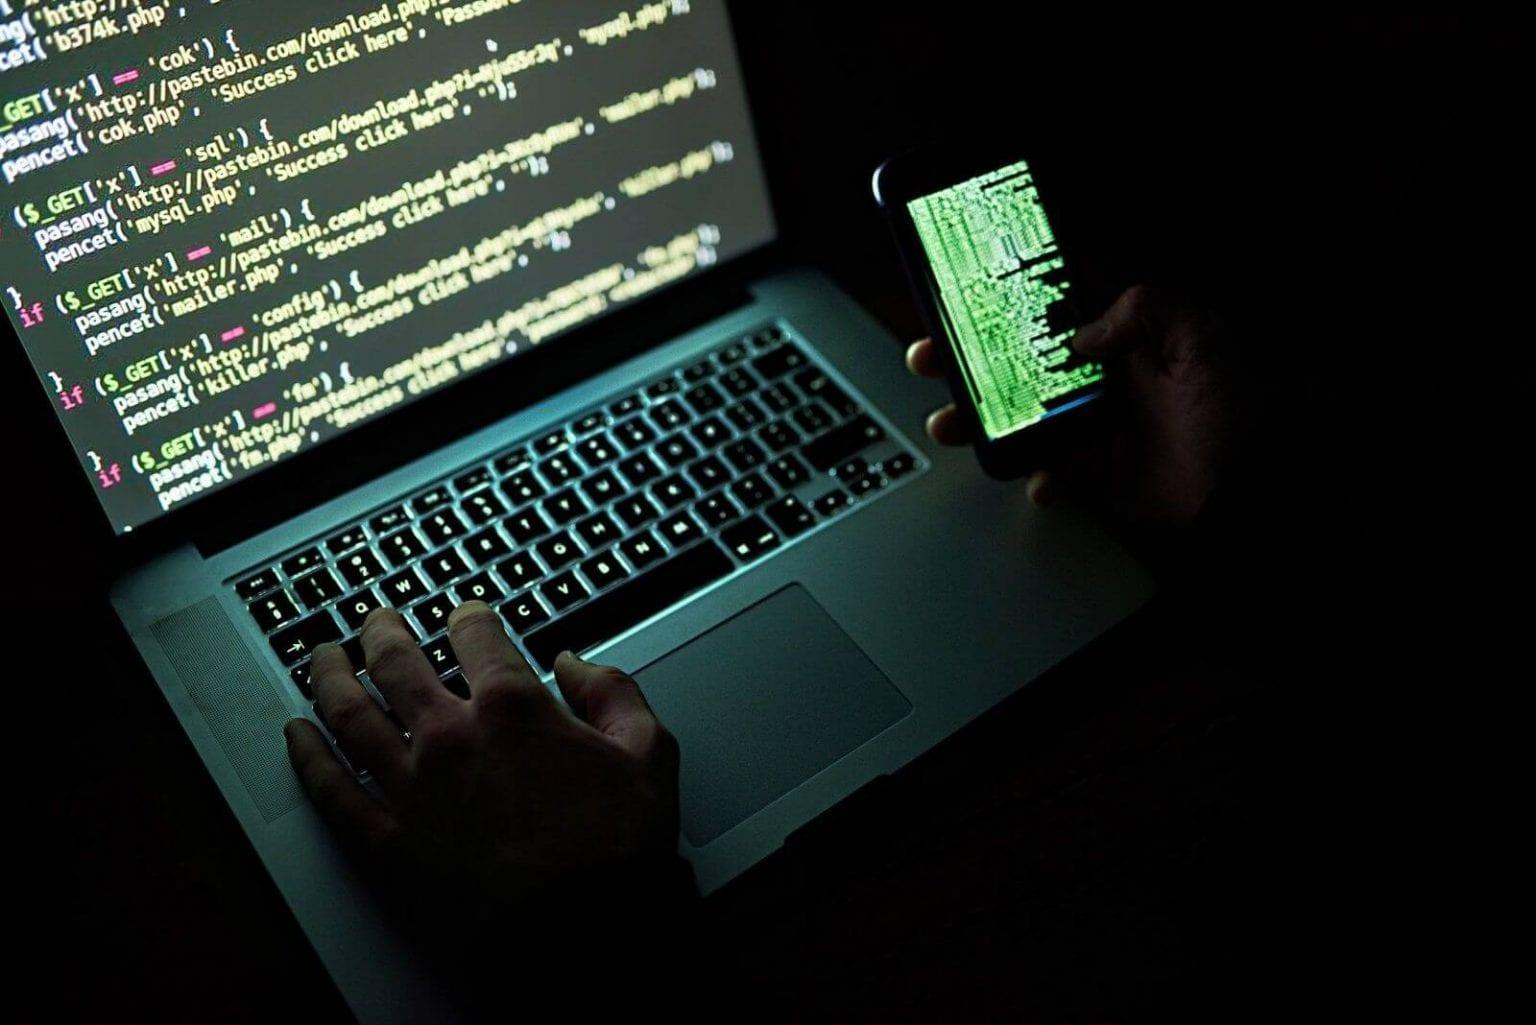 mobile hack چیست؟ گوشی را با چه روش هایی هک می کنند؟ گوشی هک شده چه علامت هایی دارد؟